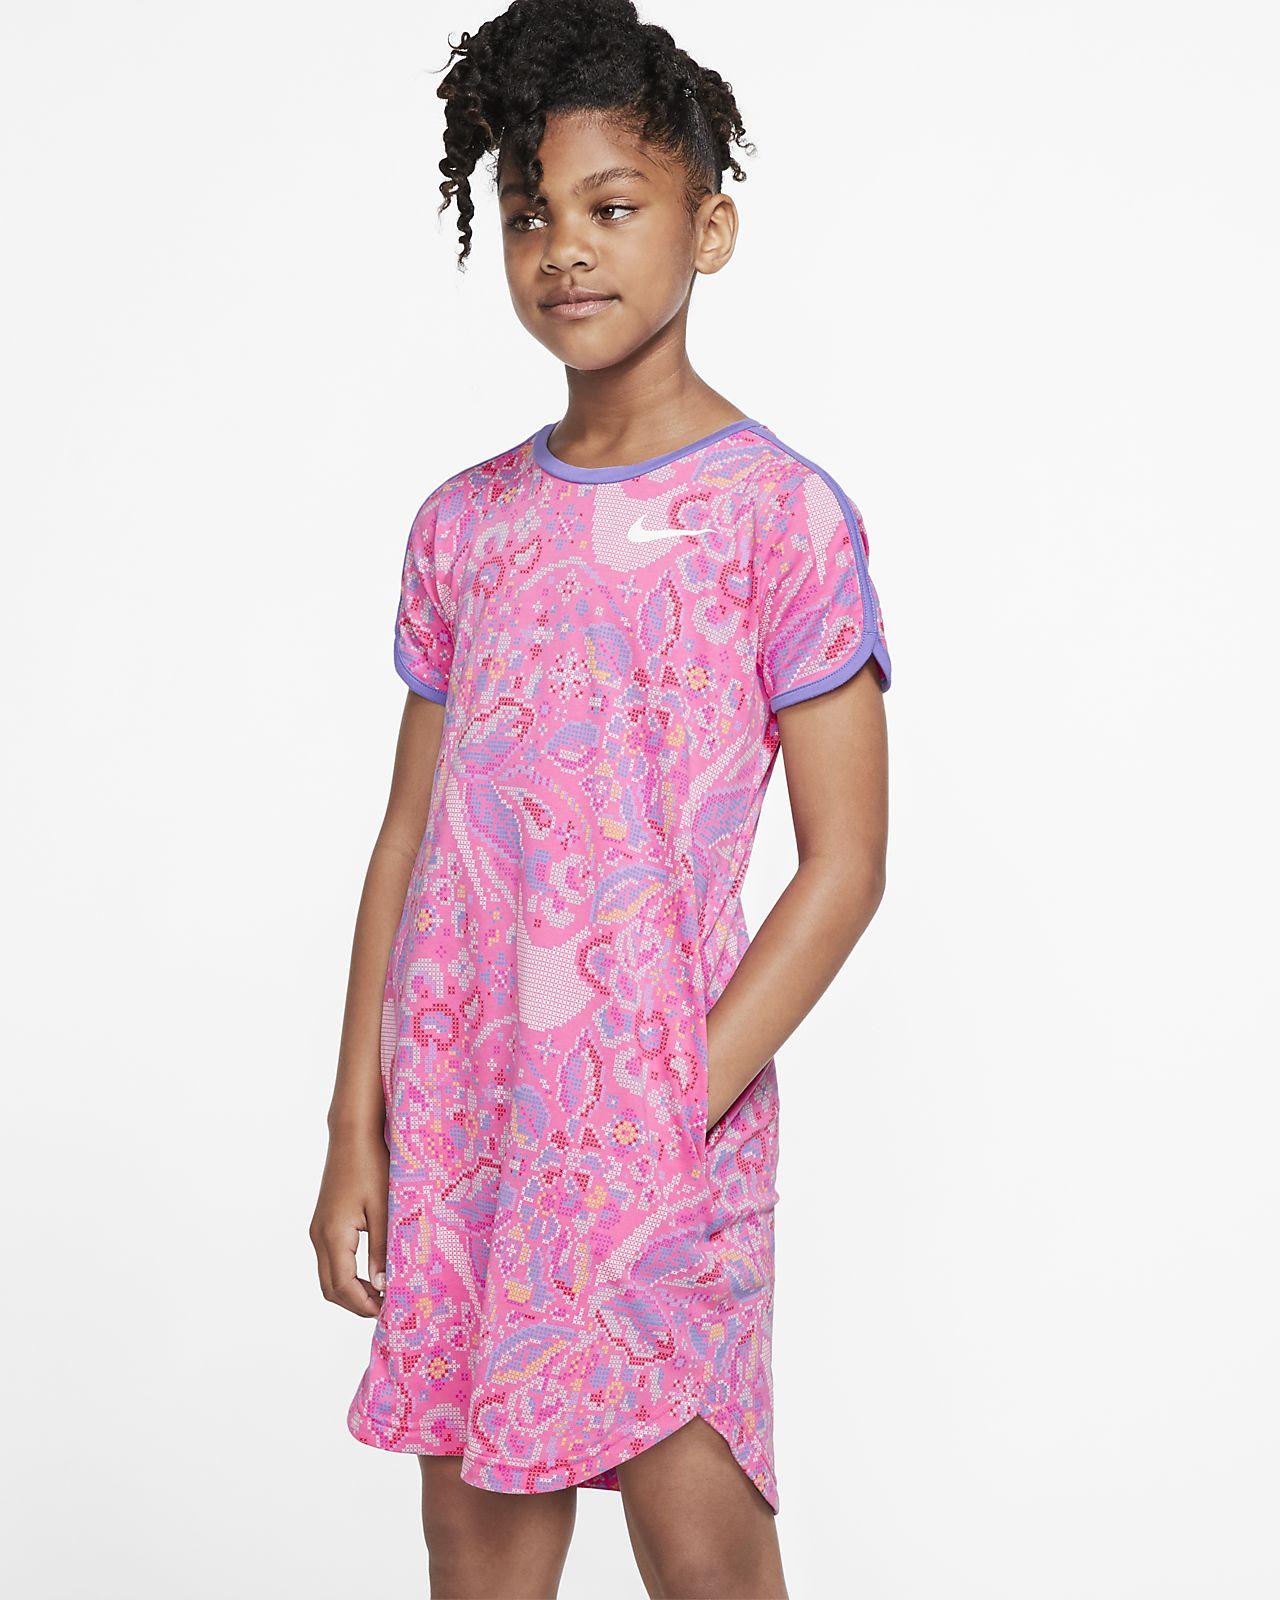 Nike Sportswear Girls' Swoosh Dress